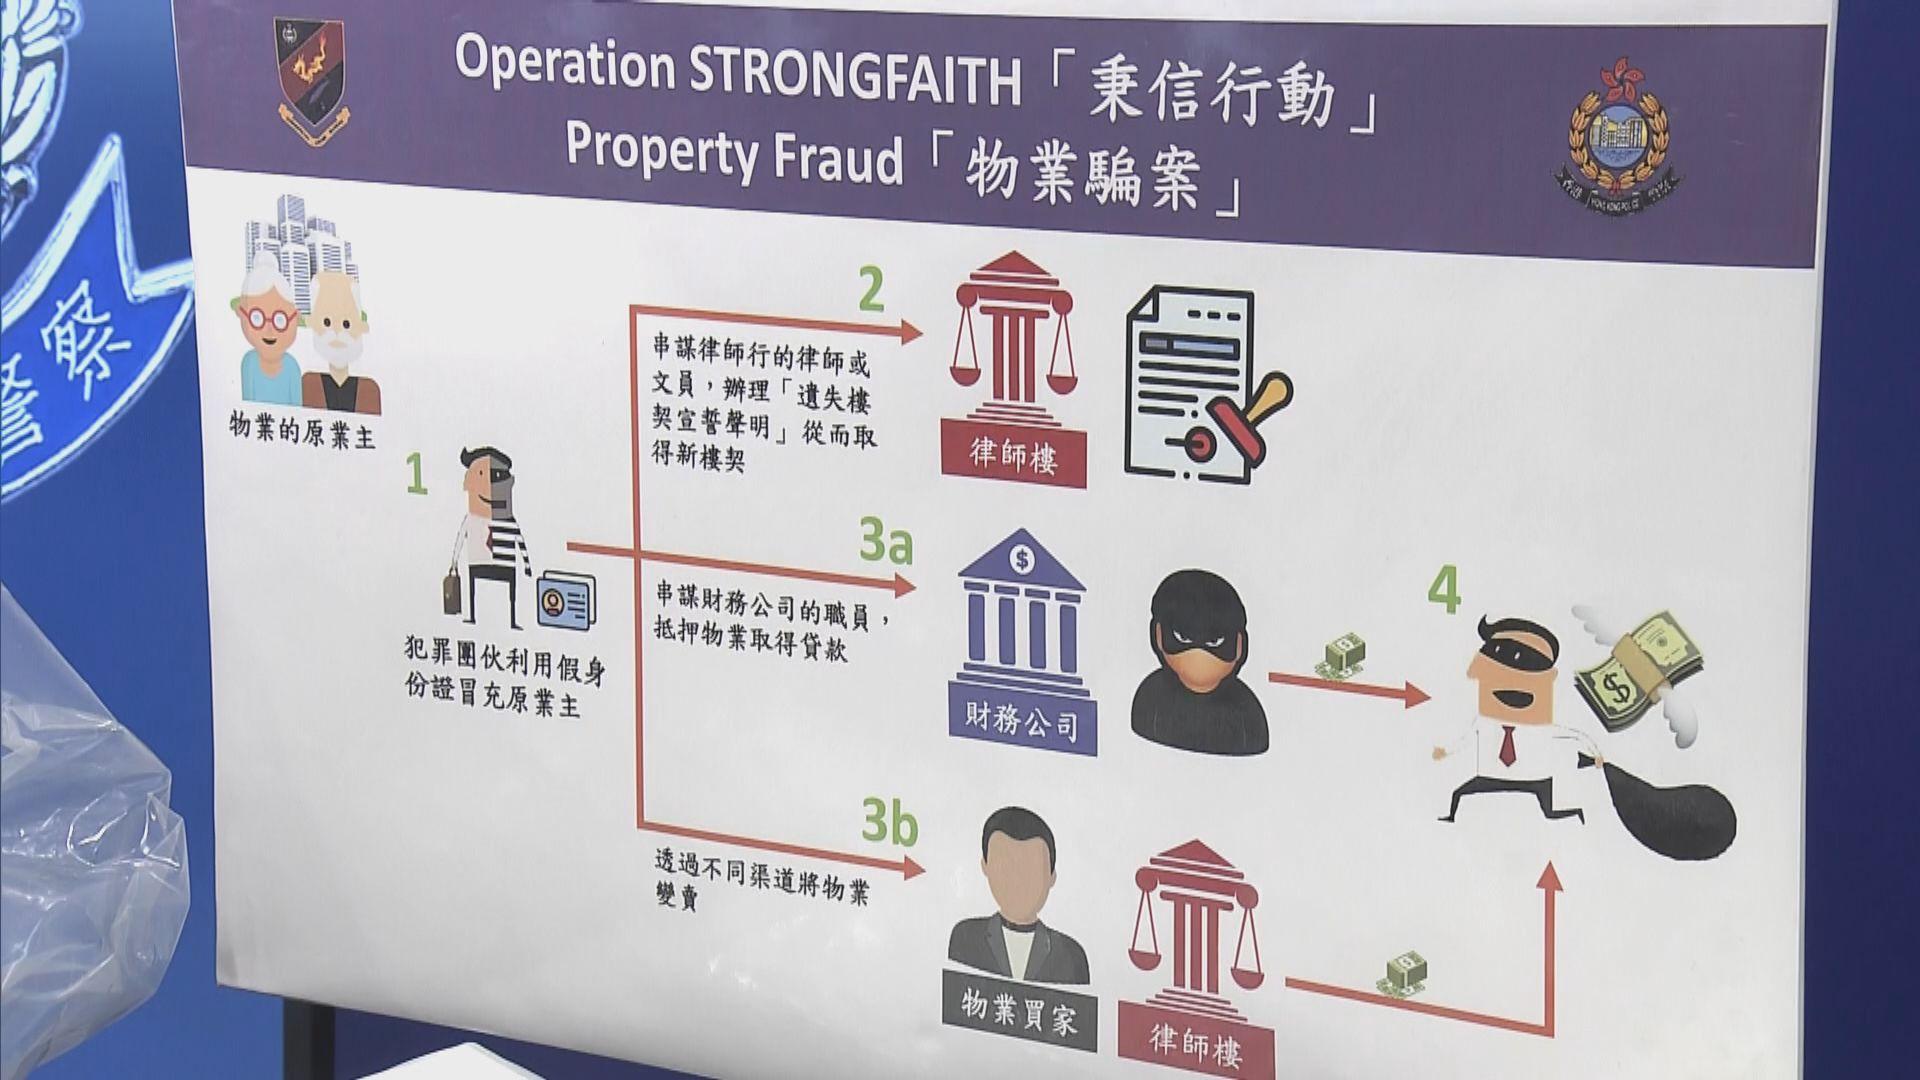 警拘12人包括大律師涉訛稱有空置單位業權騙6千萬元